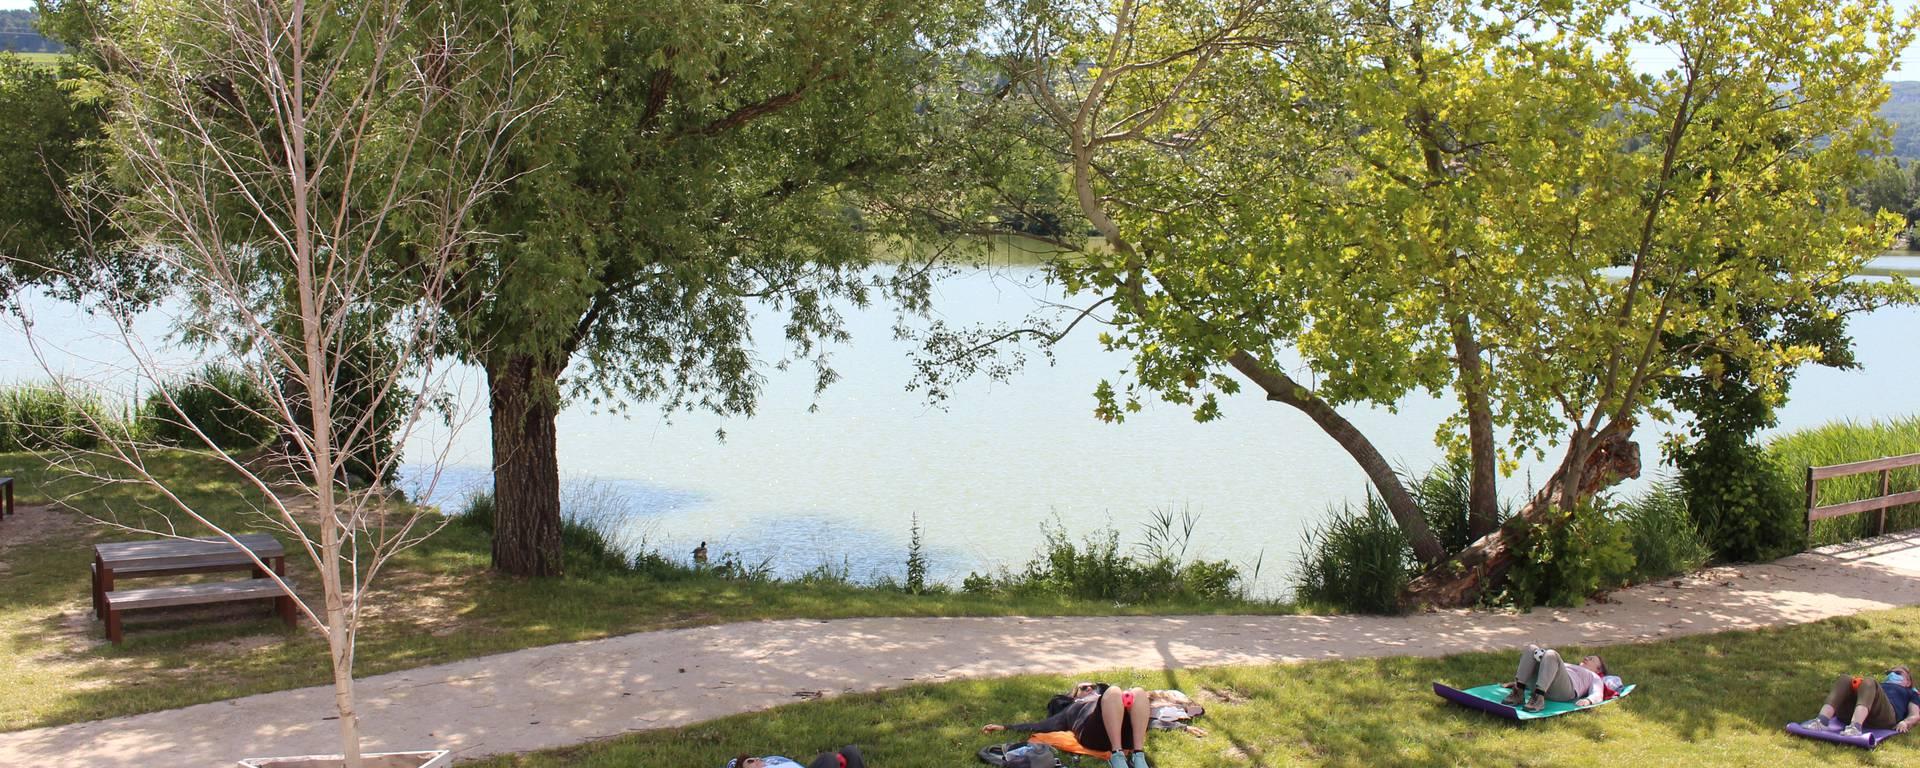 Plan d'eau de la Riaille | Base de loisirs